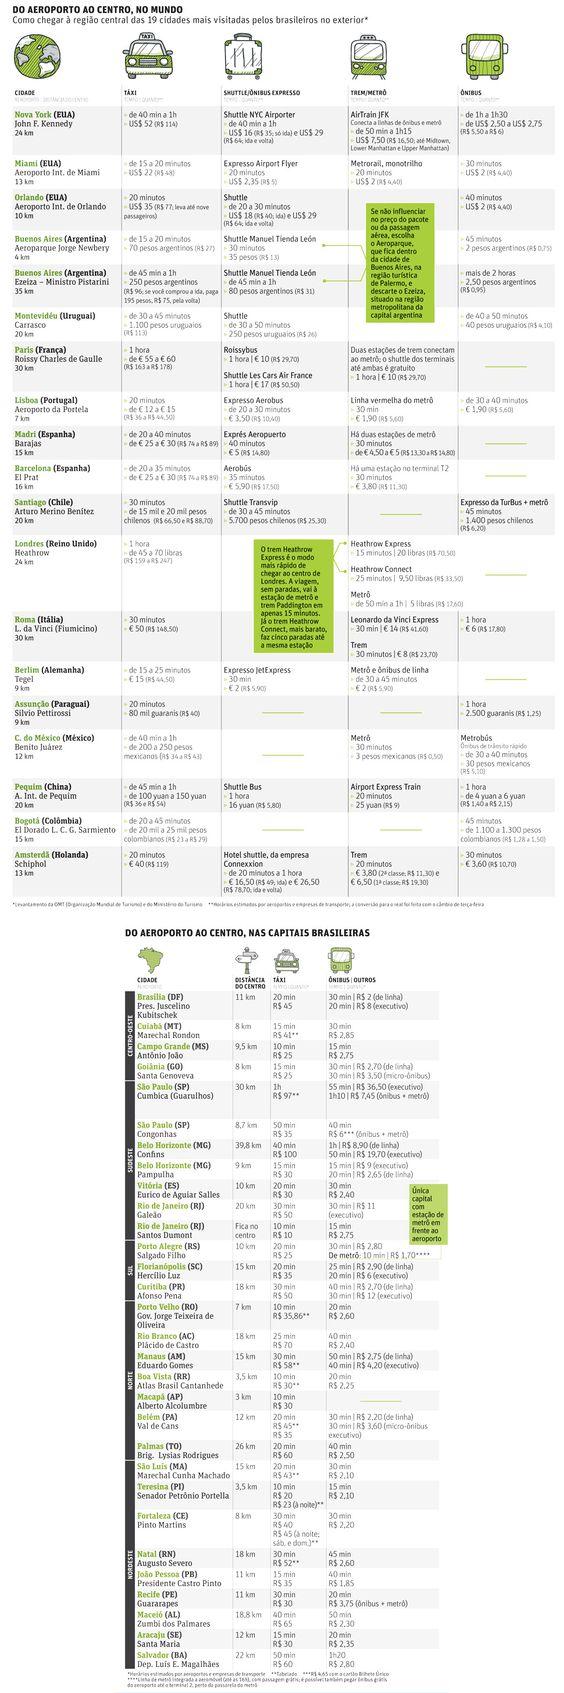 Folha de S.Paulo - Turismo - Do aeroporto ao centro em 45 cidades